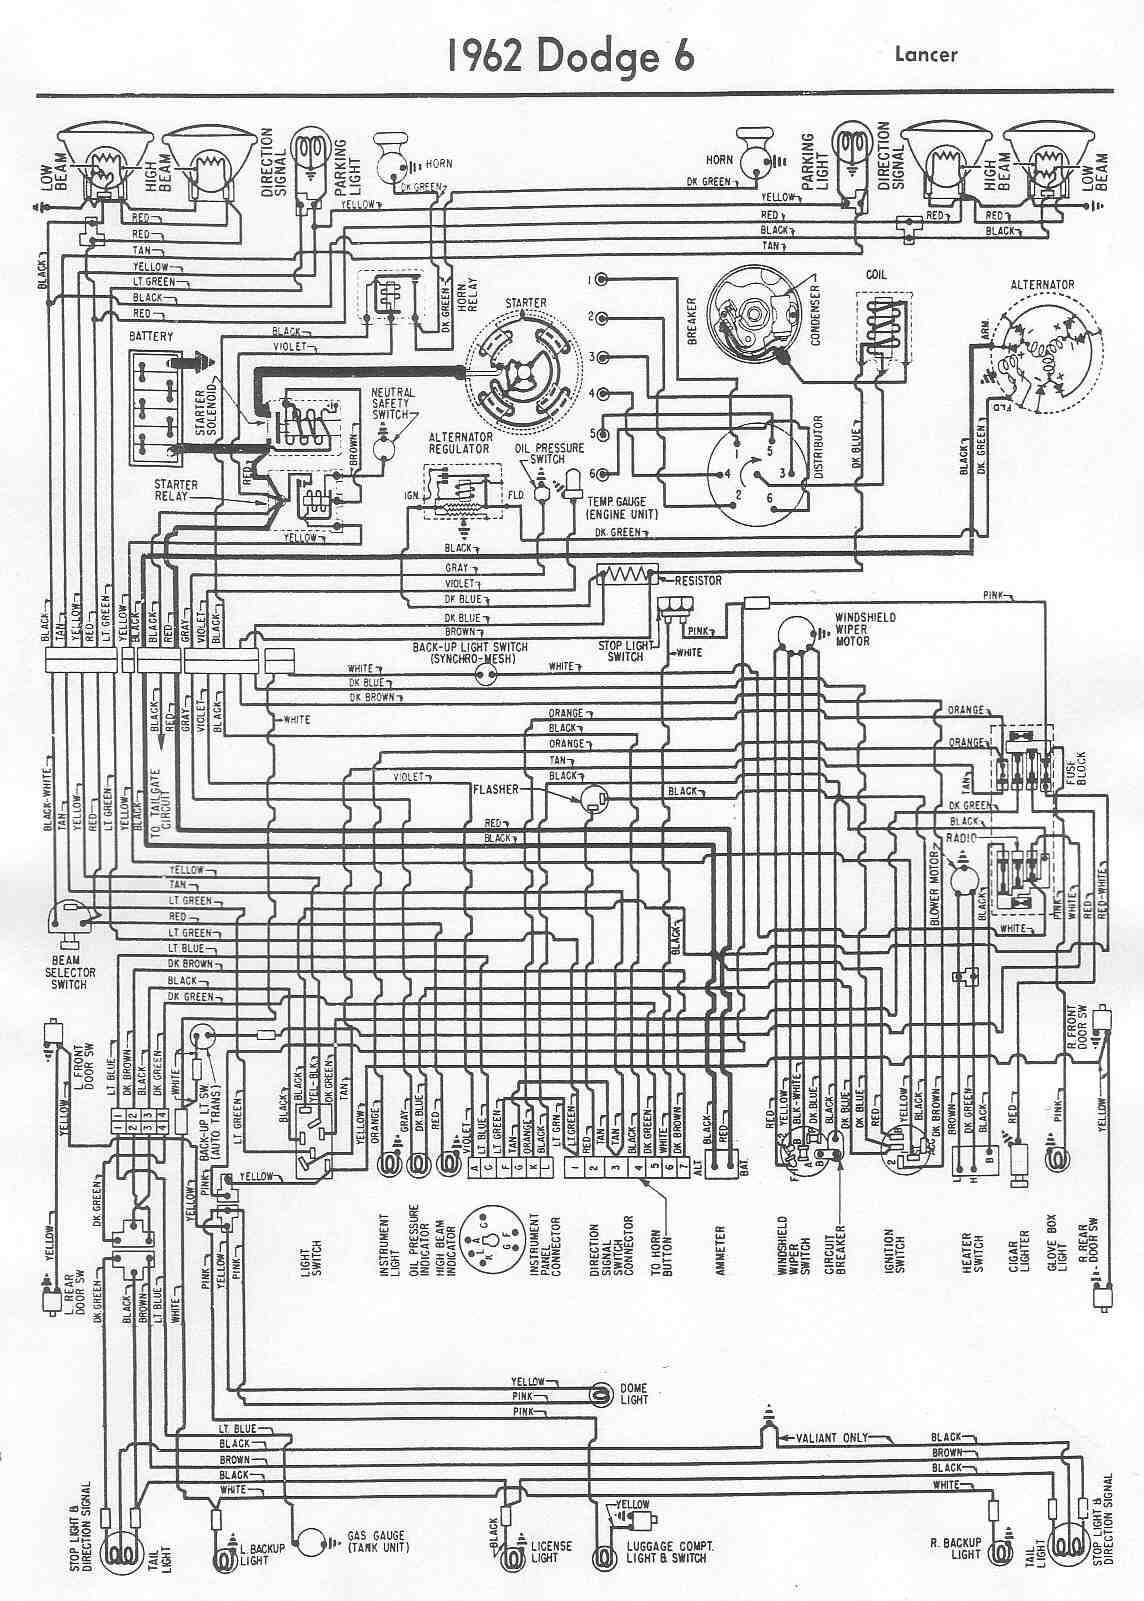 small resolution of wiring diagram 1997 mitsubishi lancer 6 17 stromoeko de u2022wiring diagram 1997 mitsubishi lancer manual